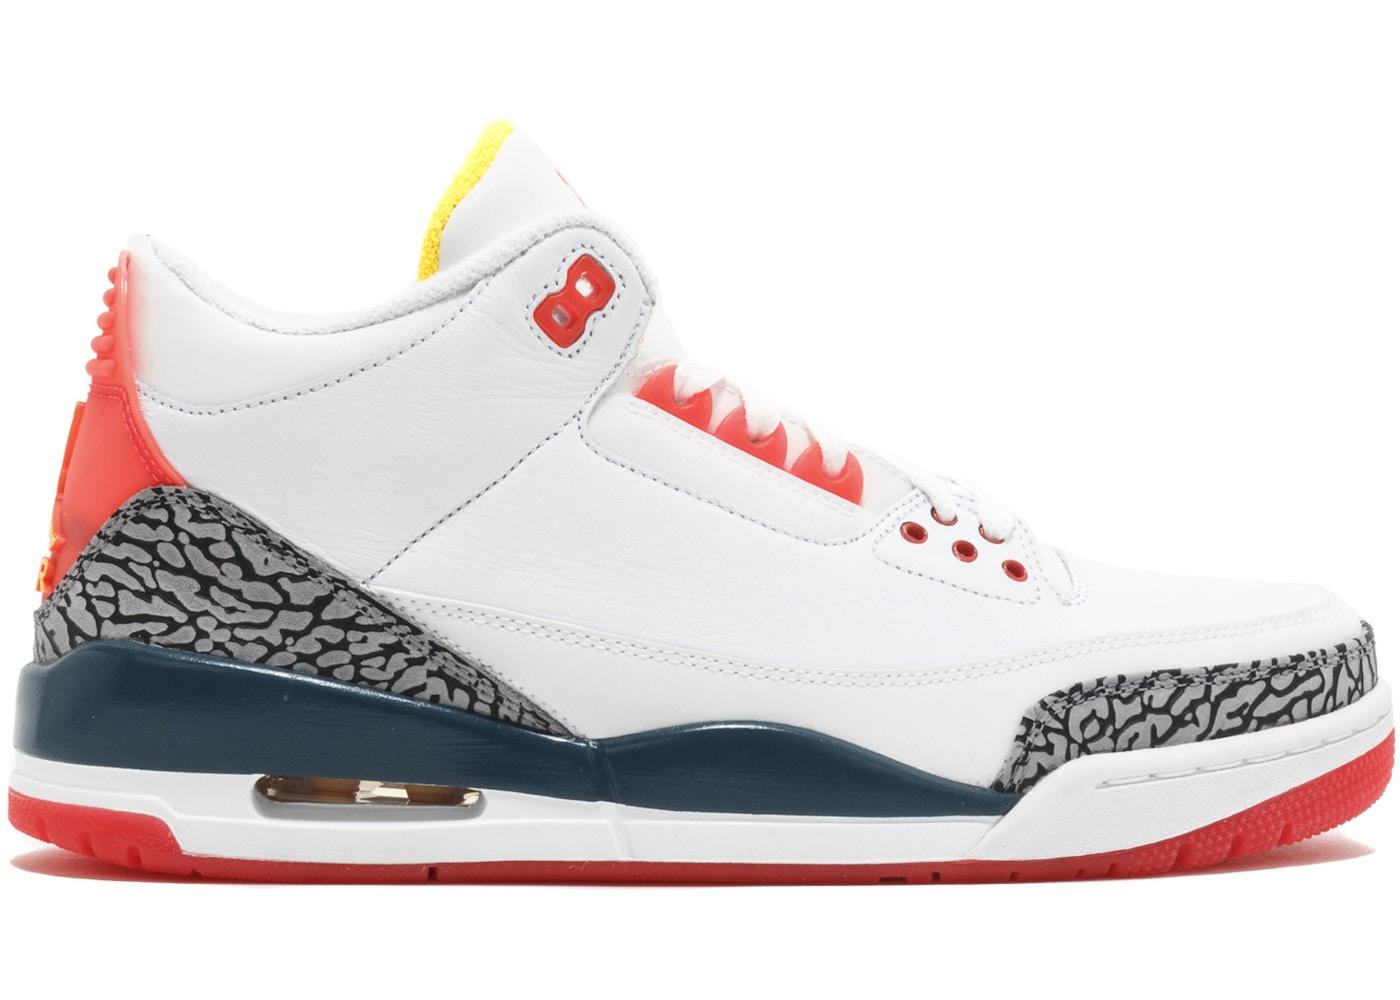 sports shoes 42bcf fc728 Air Jordan 3 Shoes - Average Sale Price